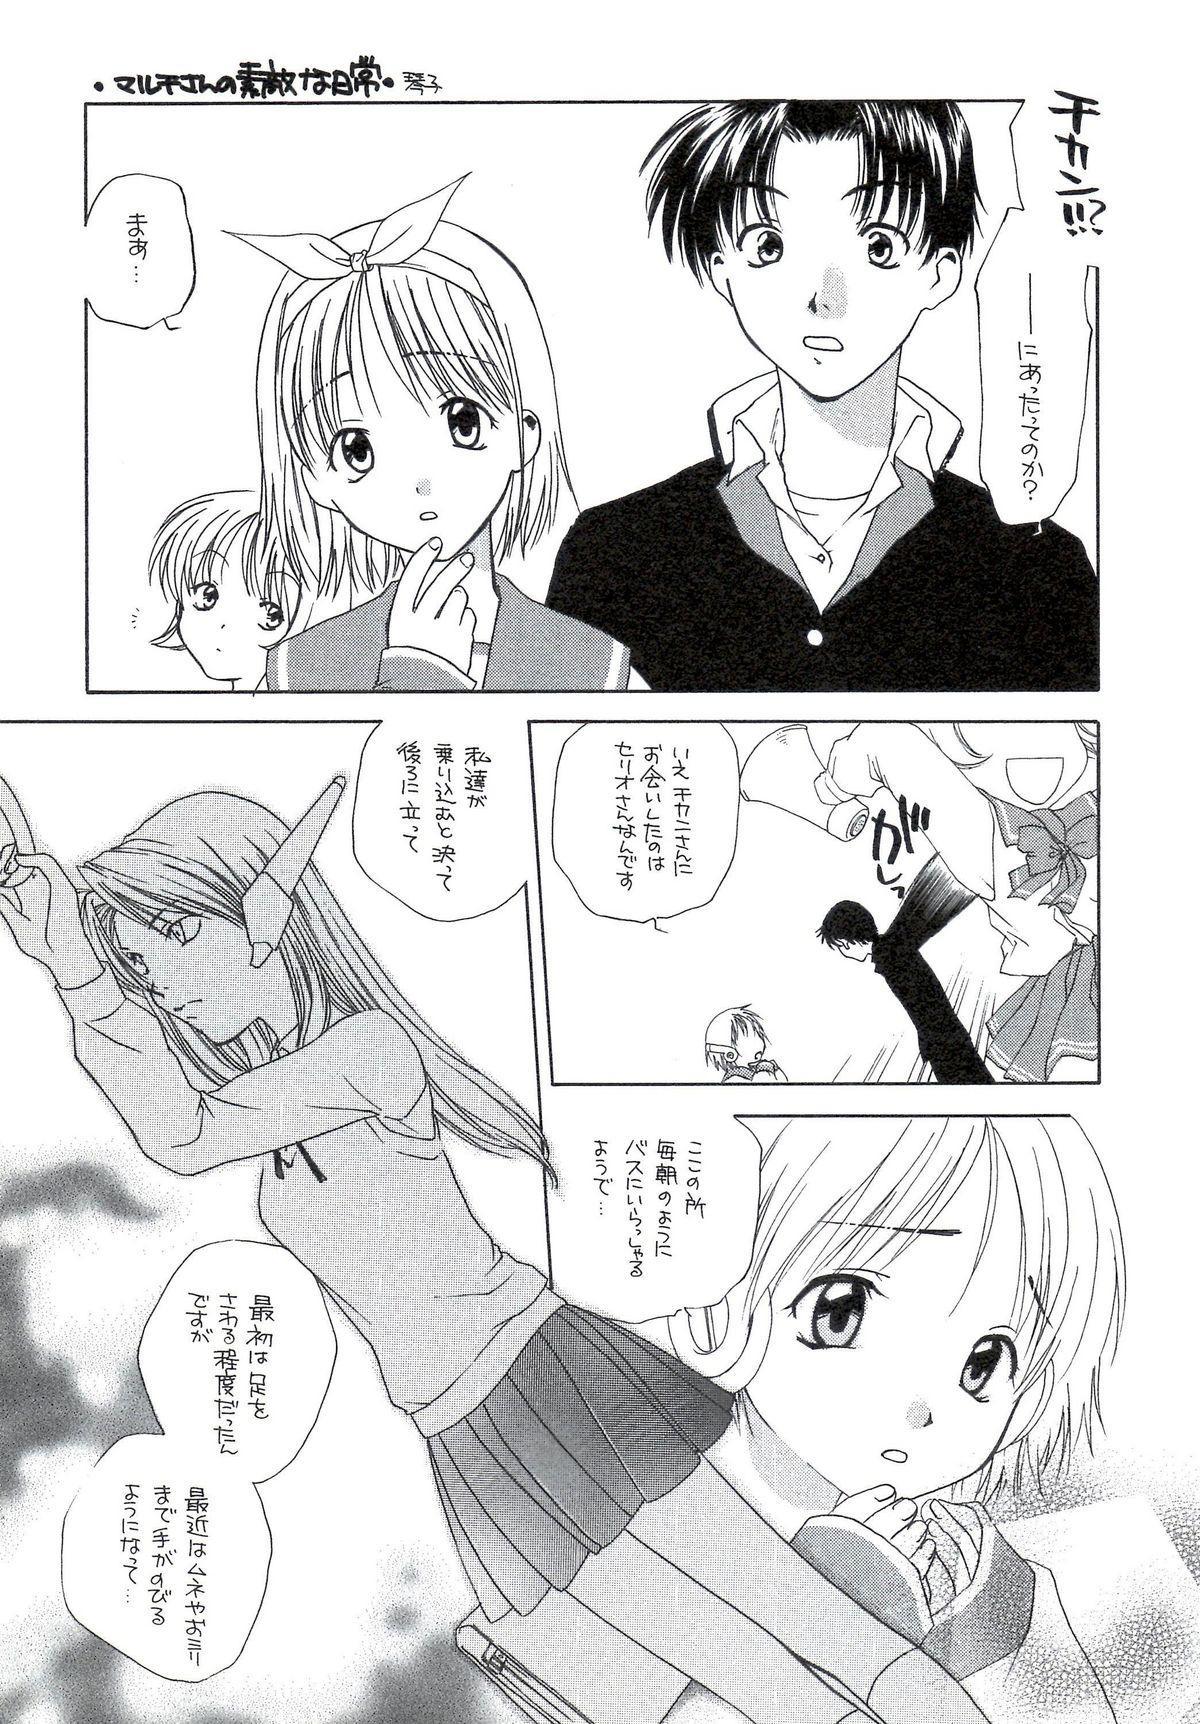 Sakura no Sono 4